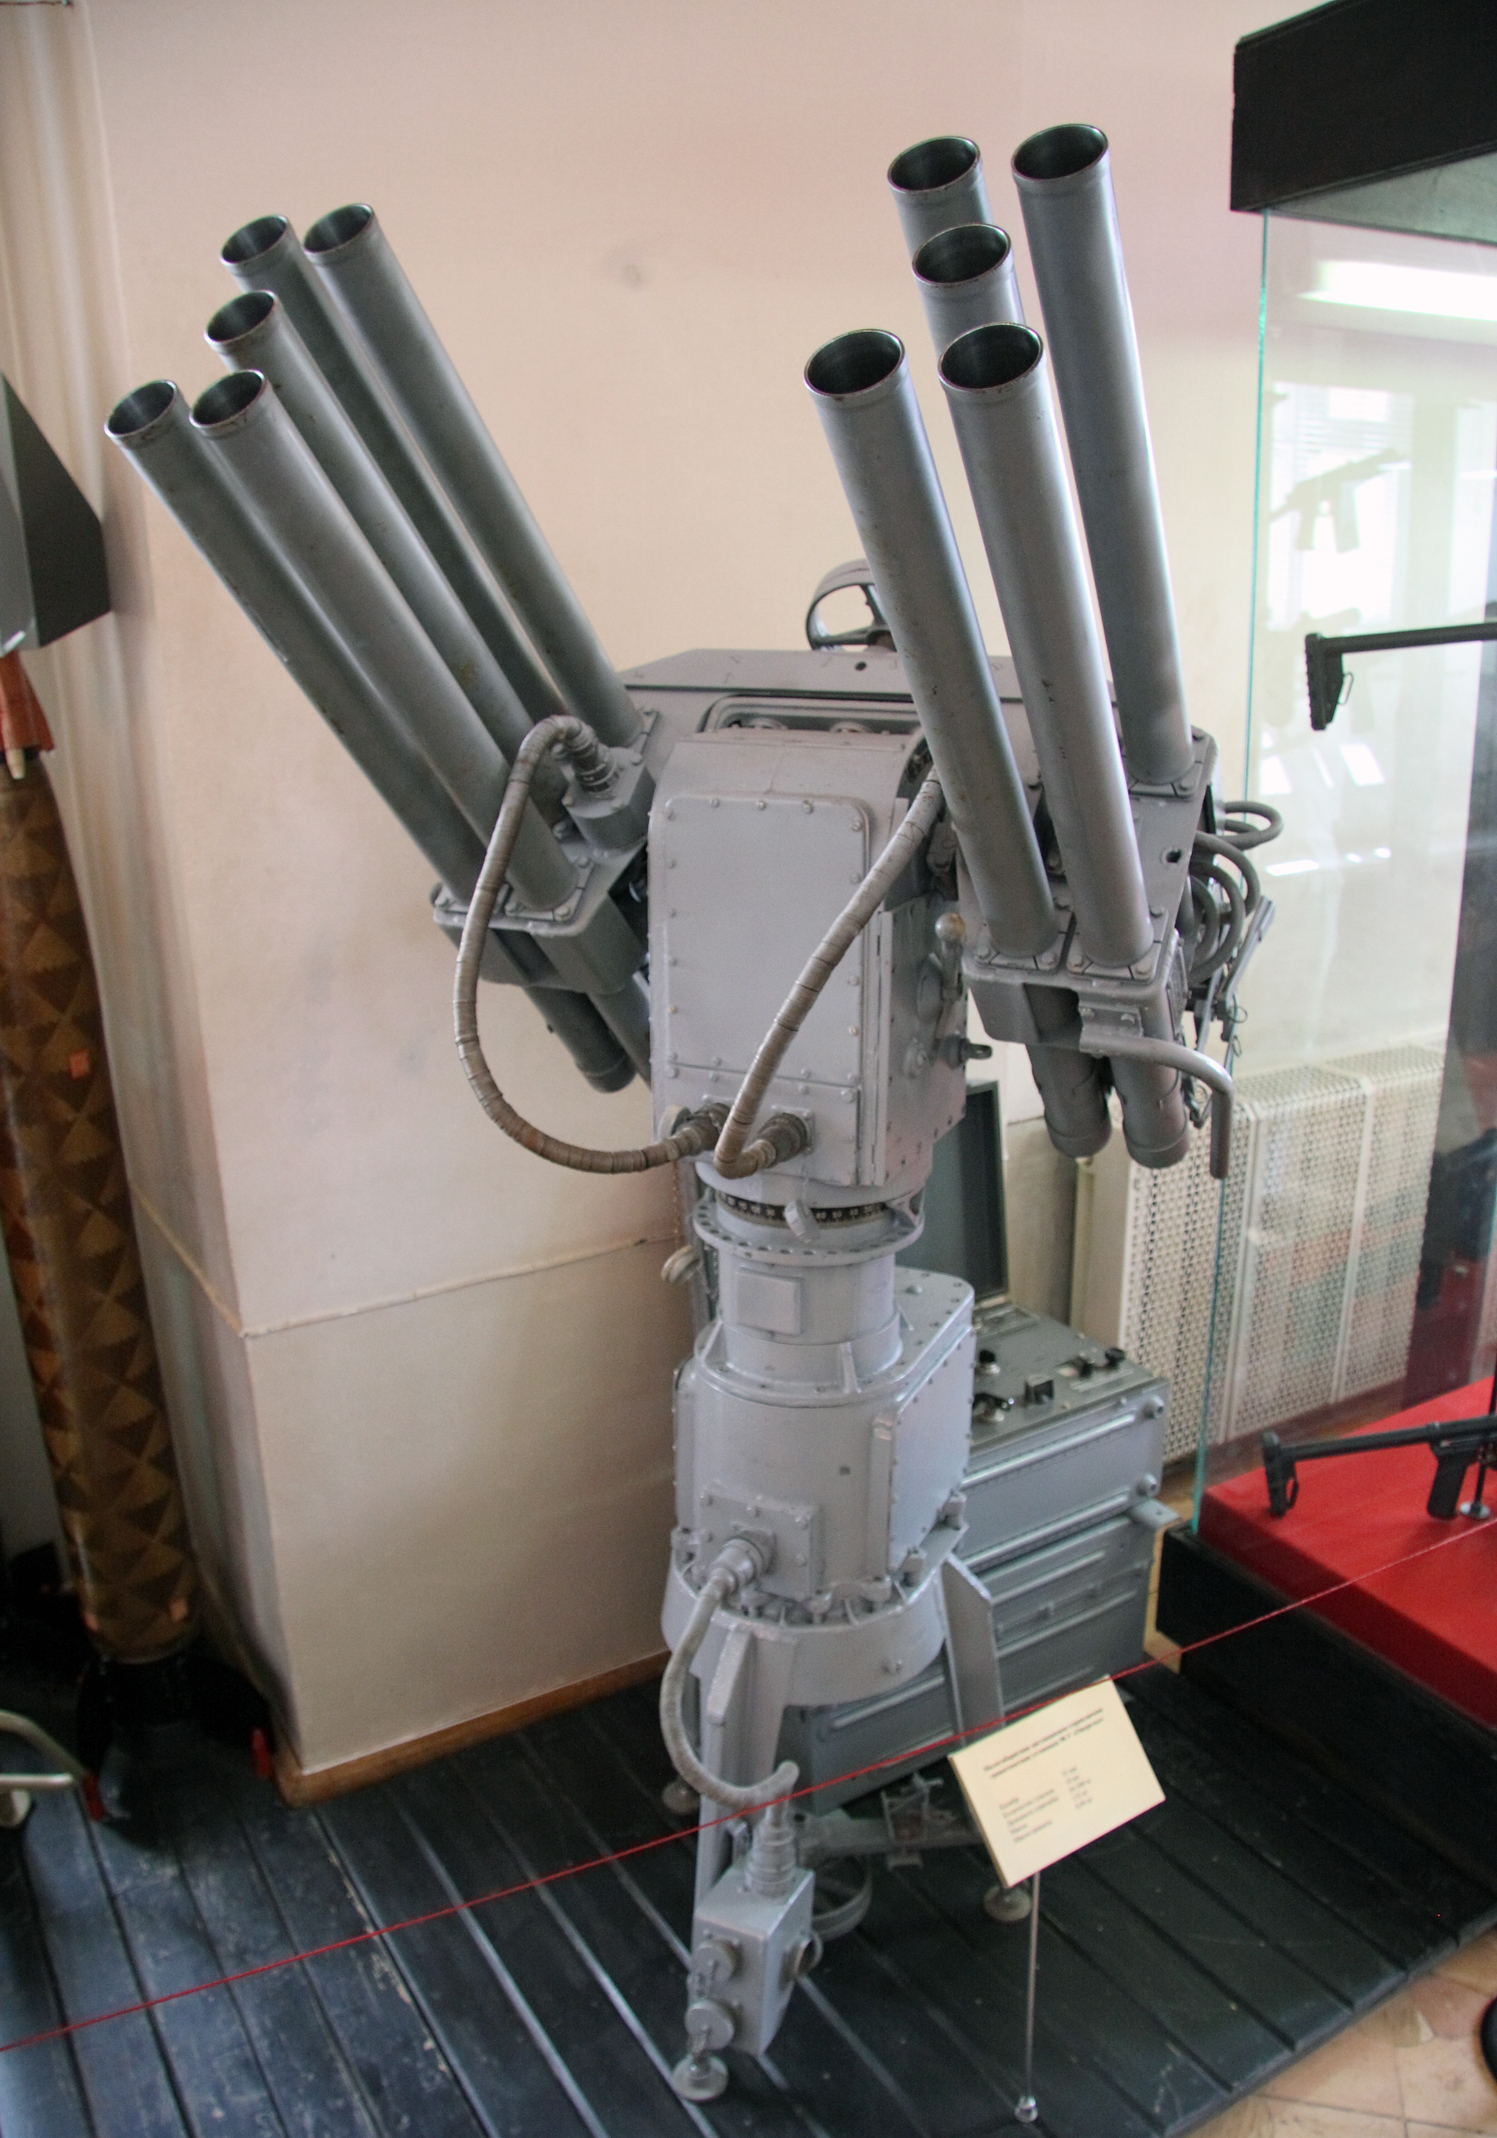 ДП-65 (обозначение МТУ ВМФ 98У) — малогабаритный дистанционно-управляемый противодиверсионный гранатомётный комплекс.